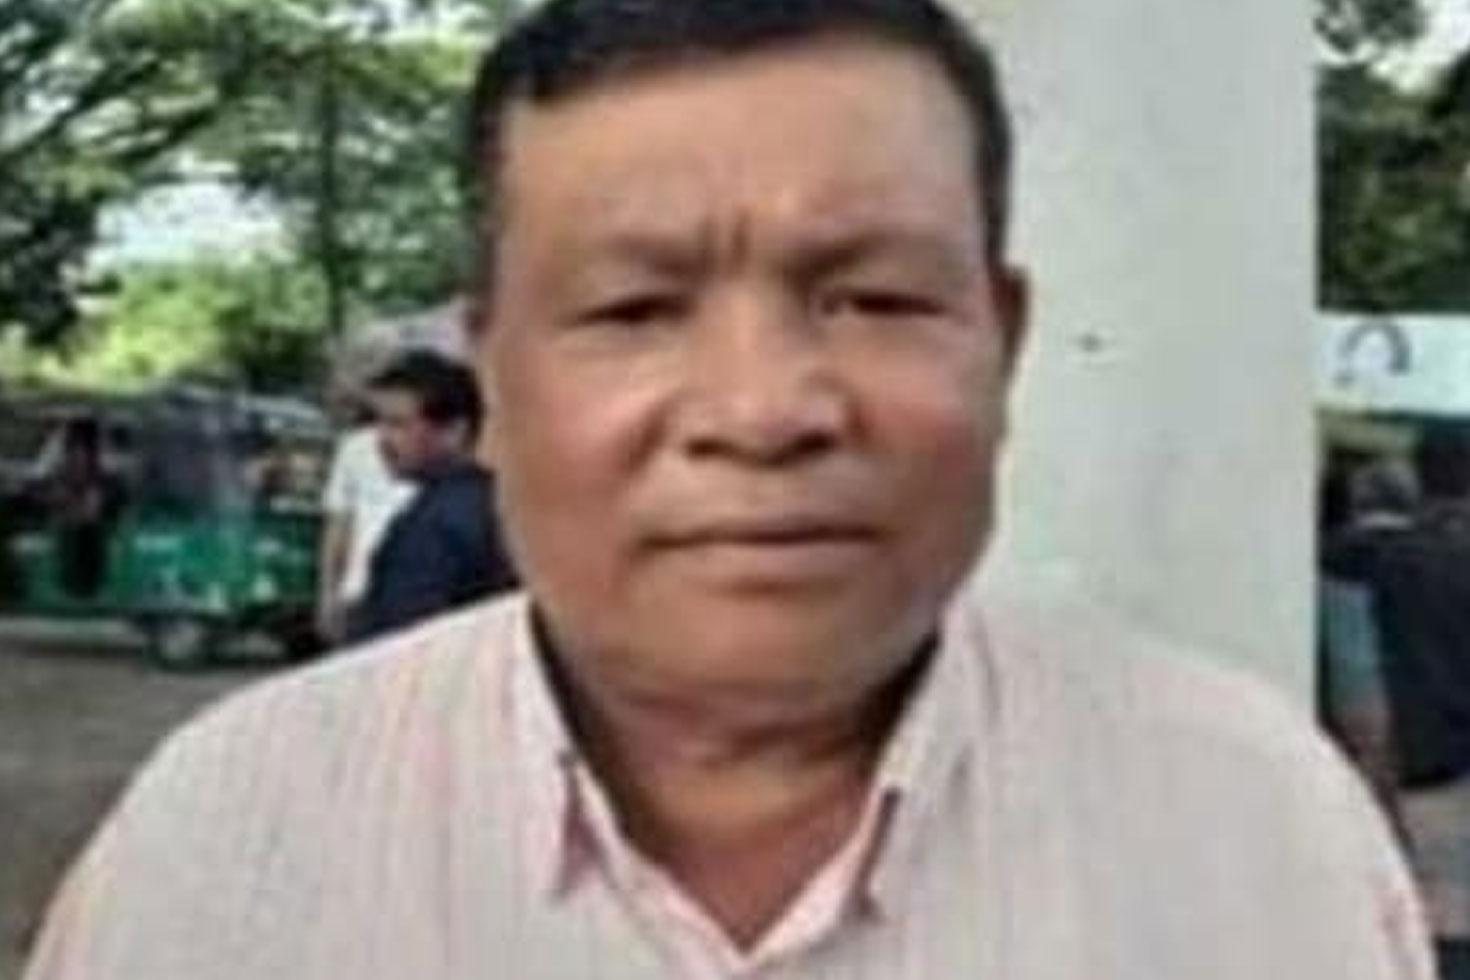 নেথোয়াই মারমা হত্যায় পাহাড়ি আঞ্চলিক দল: এমপি দীপংকর